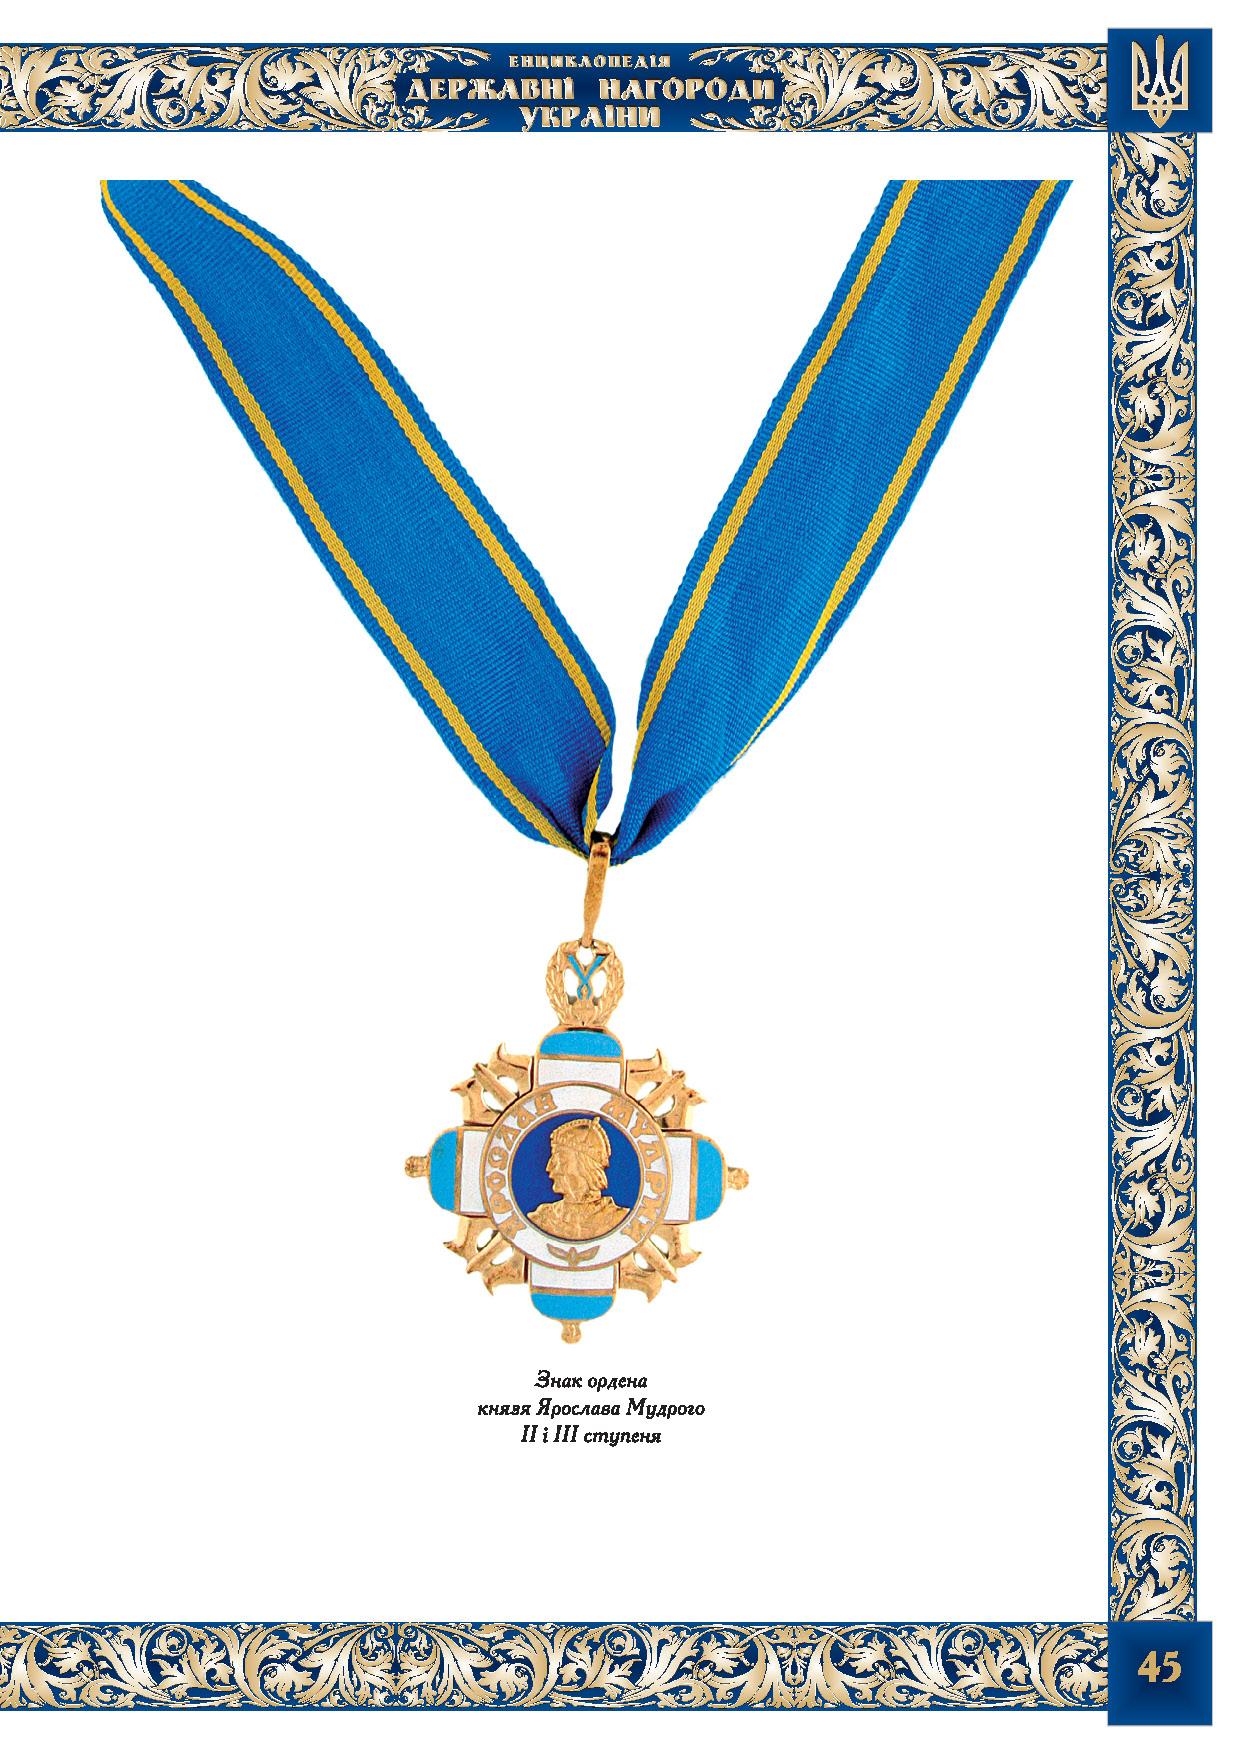 Знак ордена князя Ярослава Мудрого ІІ і ІІІ ступенів